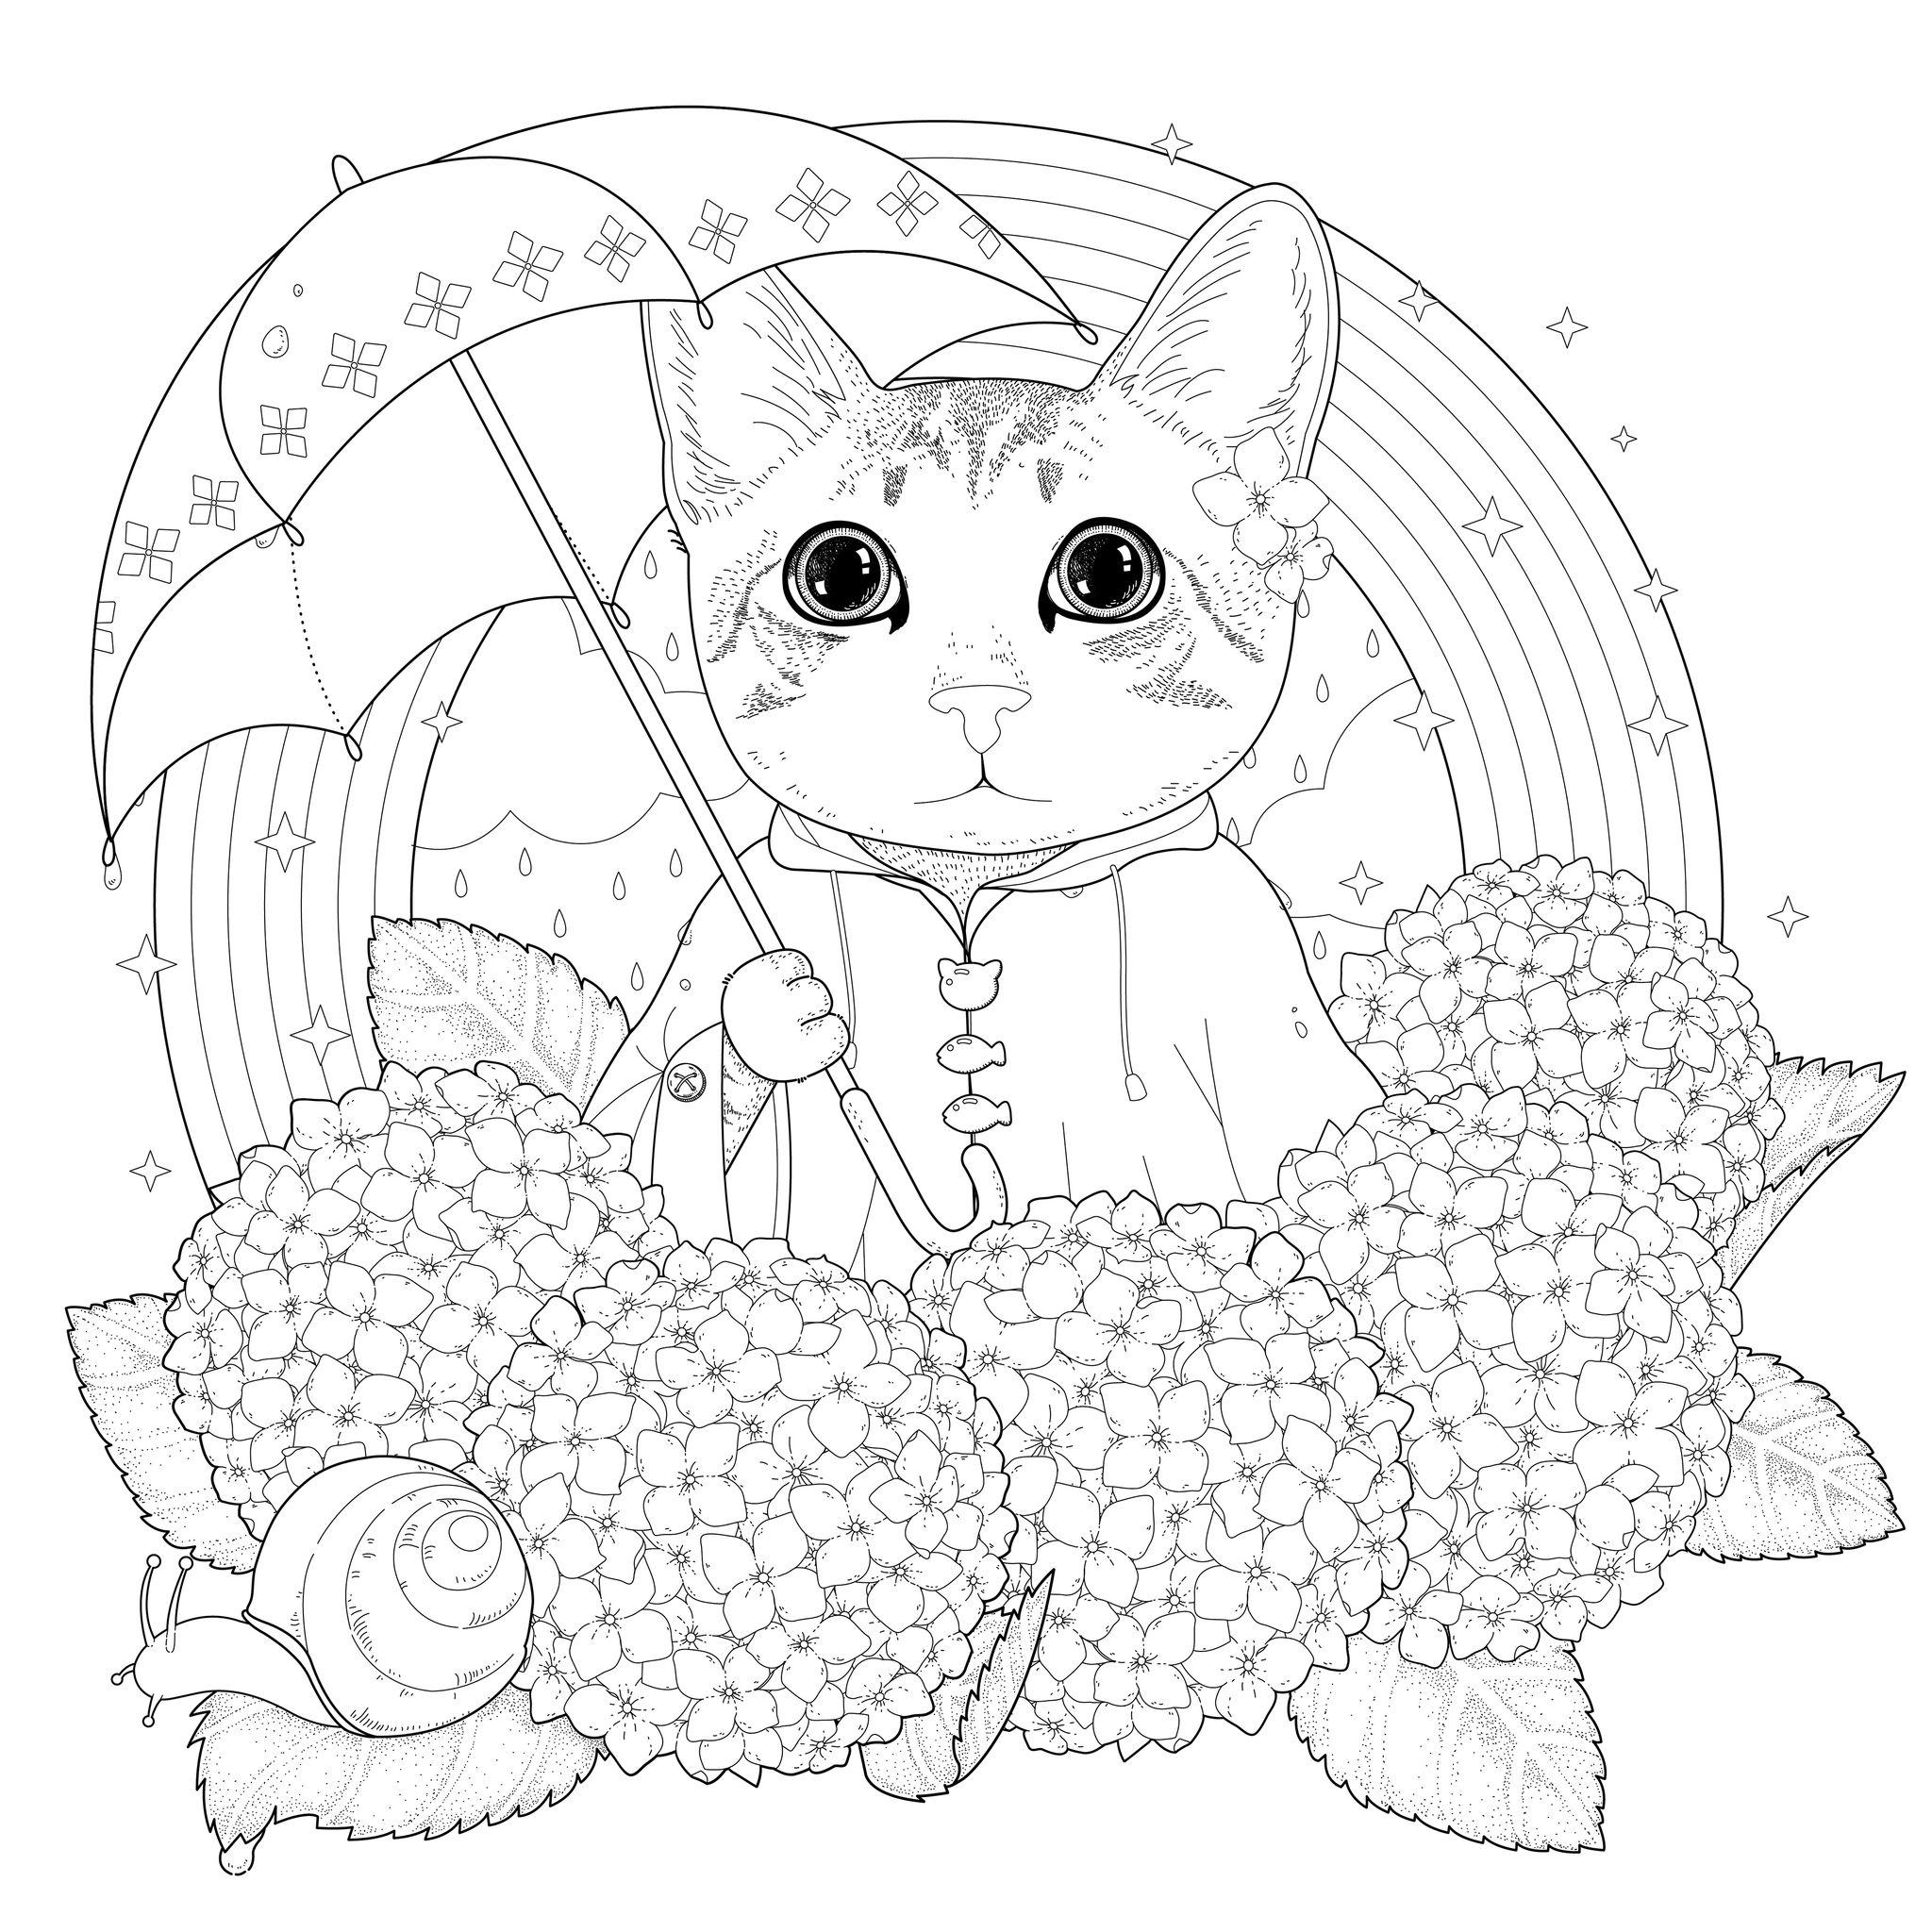 Gatos 36342 - Gatos - Colorear para Adultos